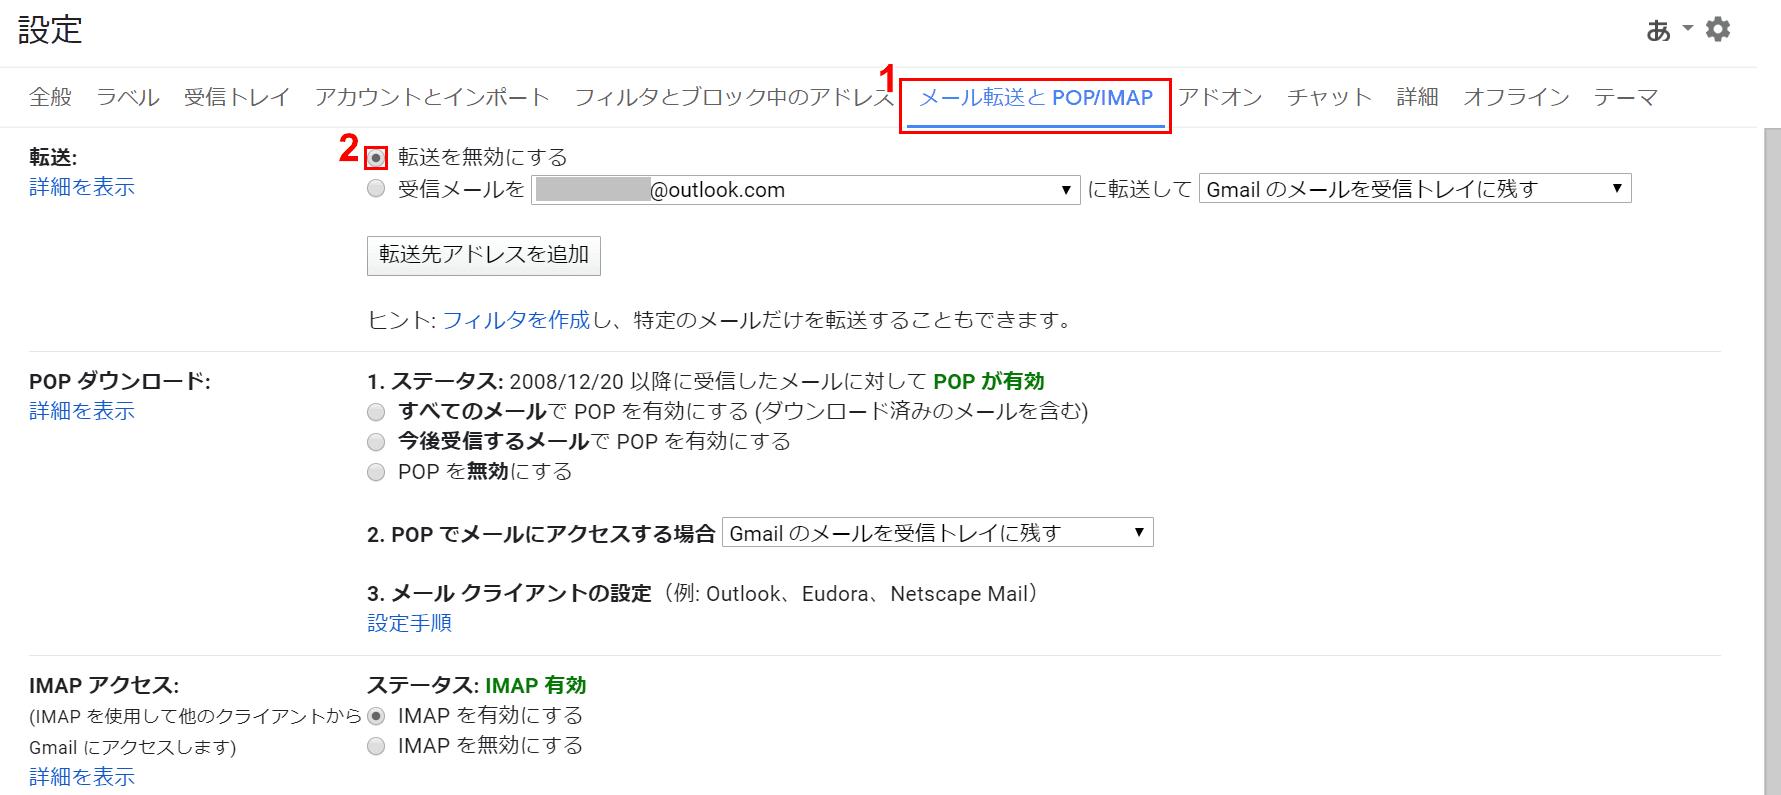 メール転送とPOP/IMAP